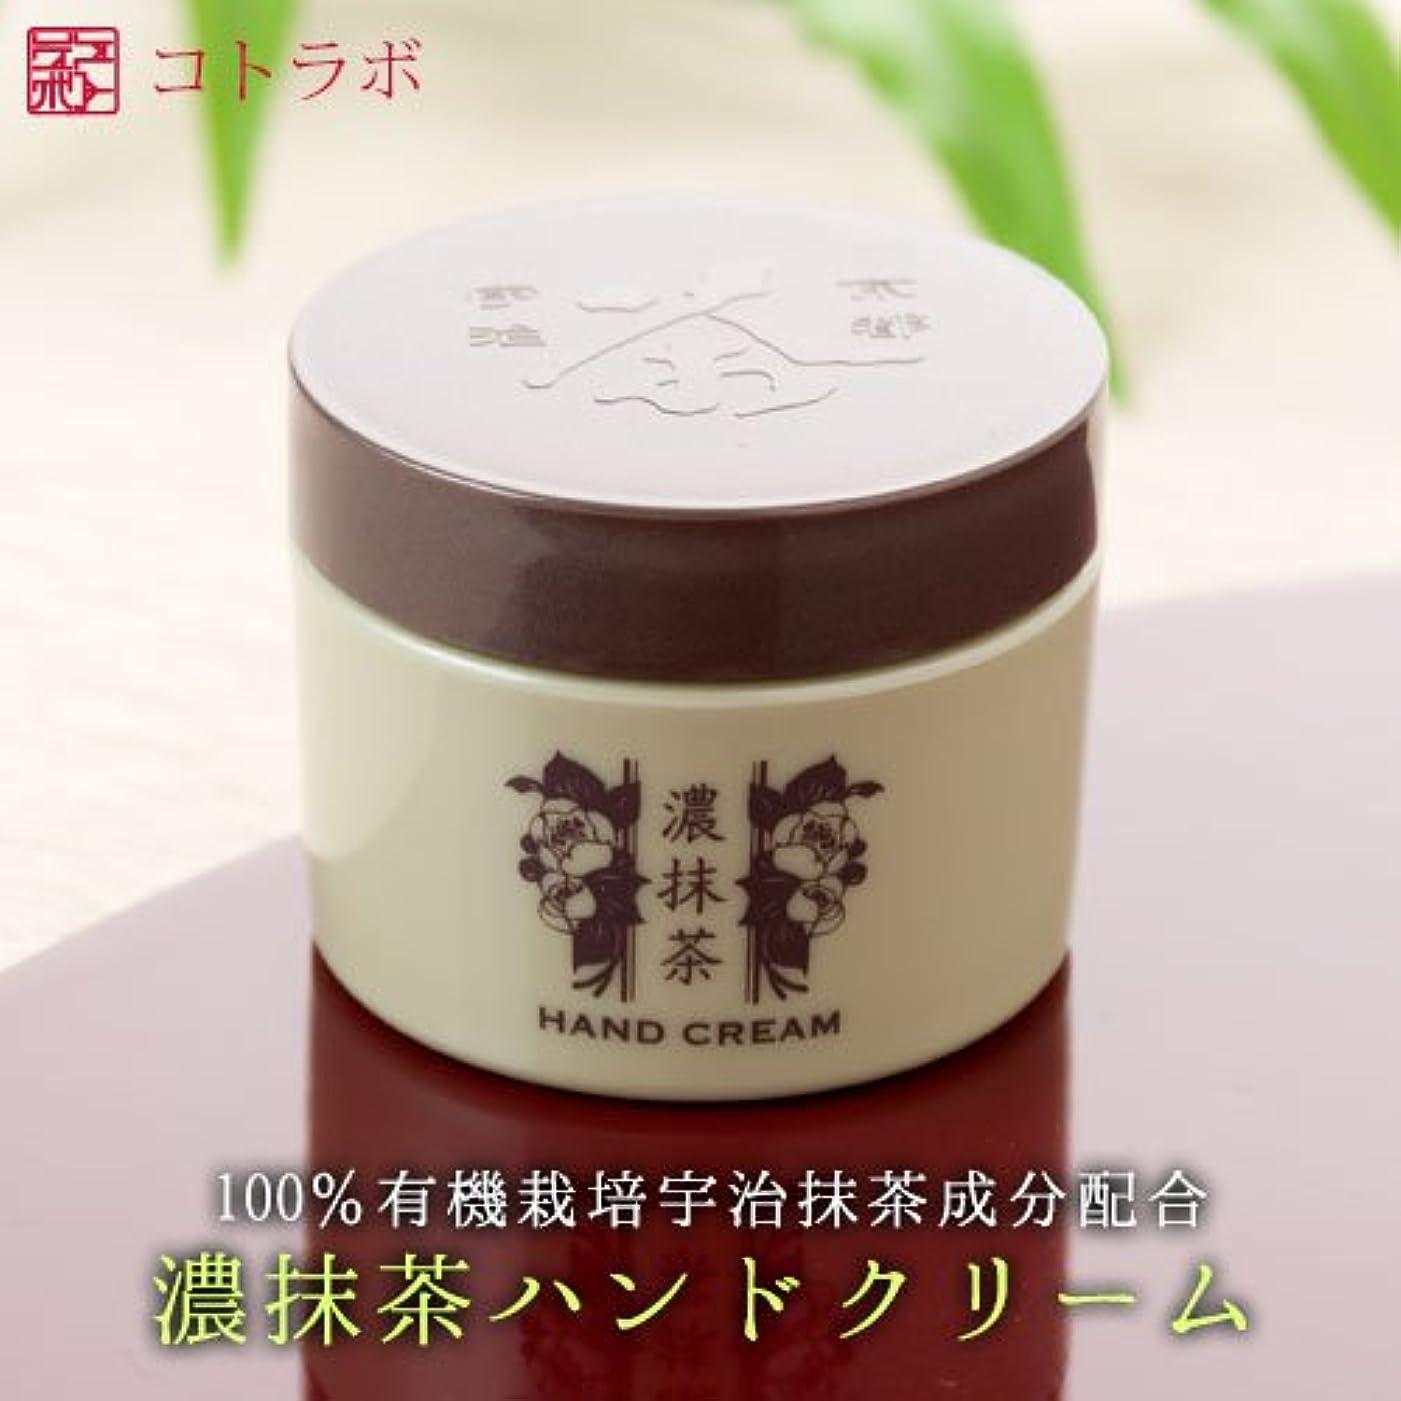 ポークぶら下がるファシズムコトラボ 濃抹茶ハンドクリーム25g 京都産宇治抹茶パウダー配合 グリーンティーフローラルの香り 京都発のスキンケアクリーム Kyoto premium hand cream, Aroma of green tea floral